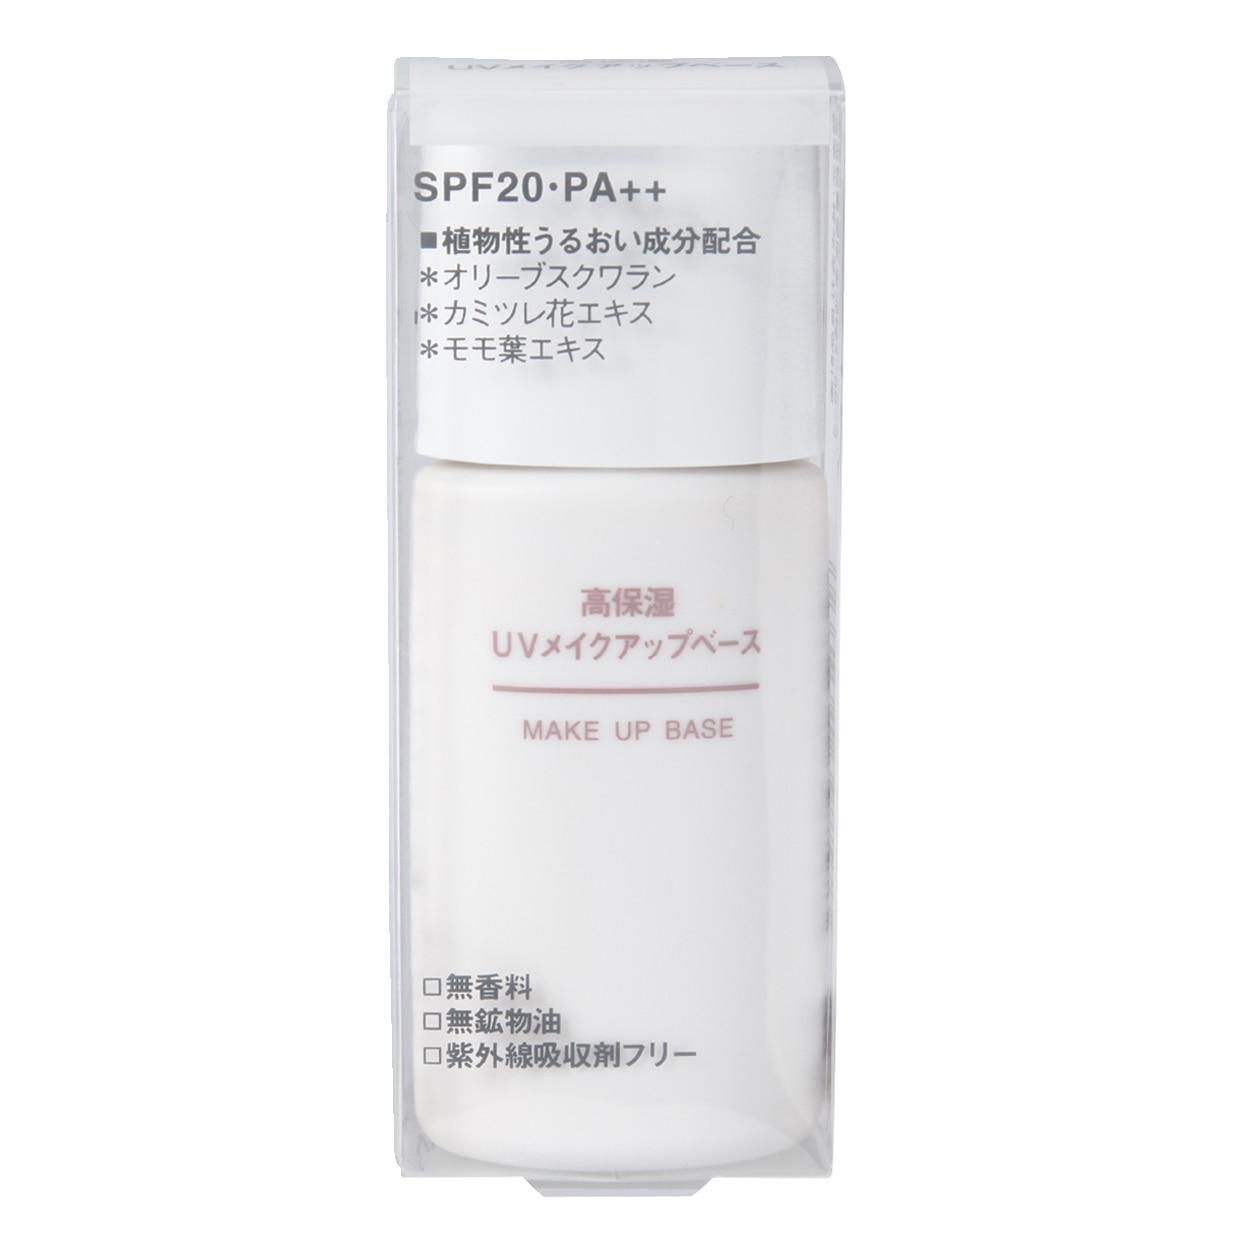 高保湿 UVメイクアップベース SPF20・PA++ 30g コンビニ受取可